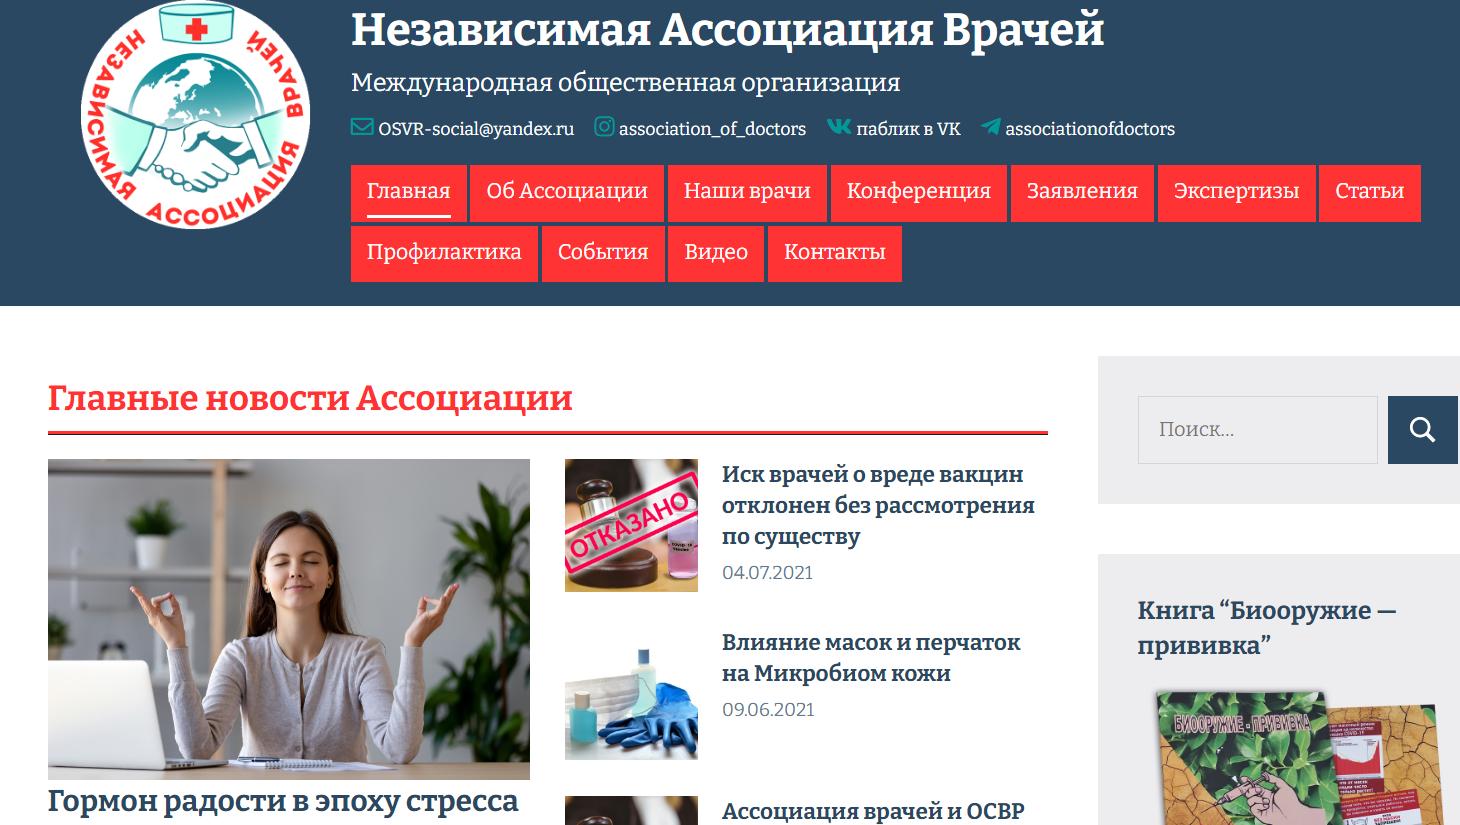 Скриншот главной страницы сайта